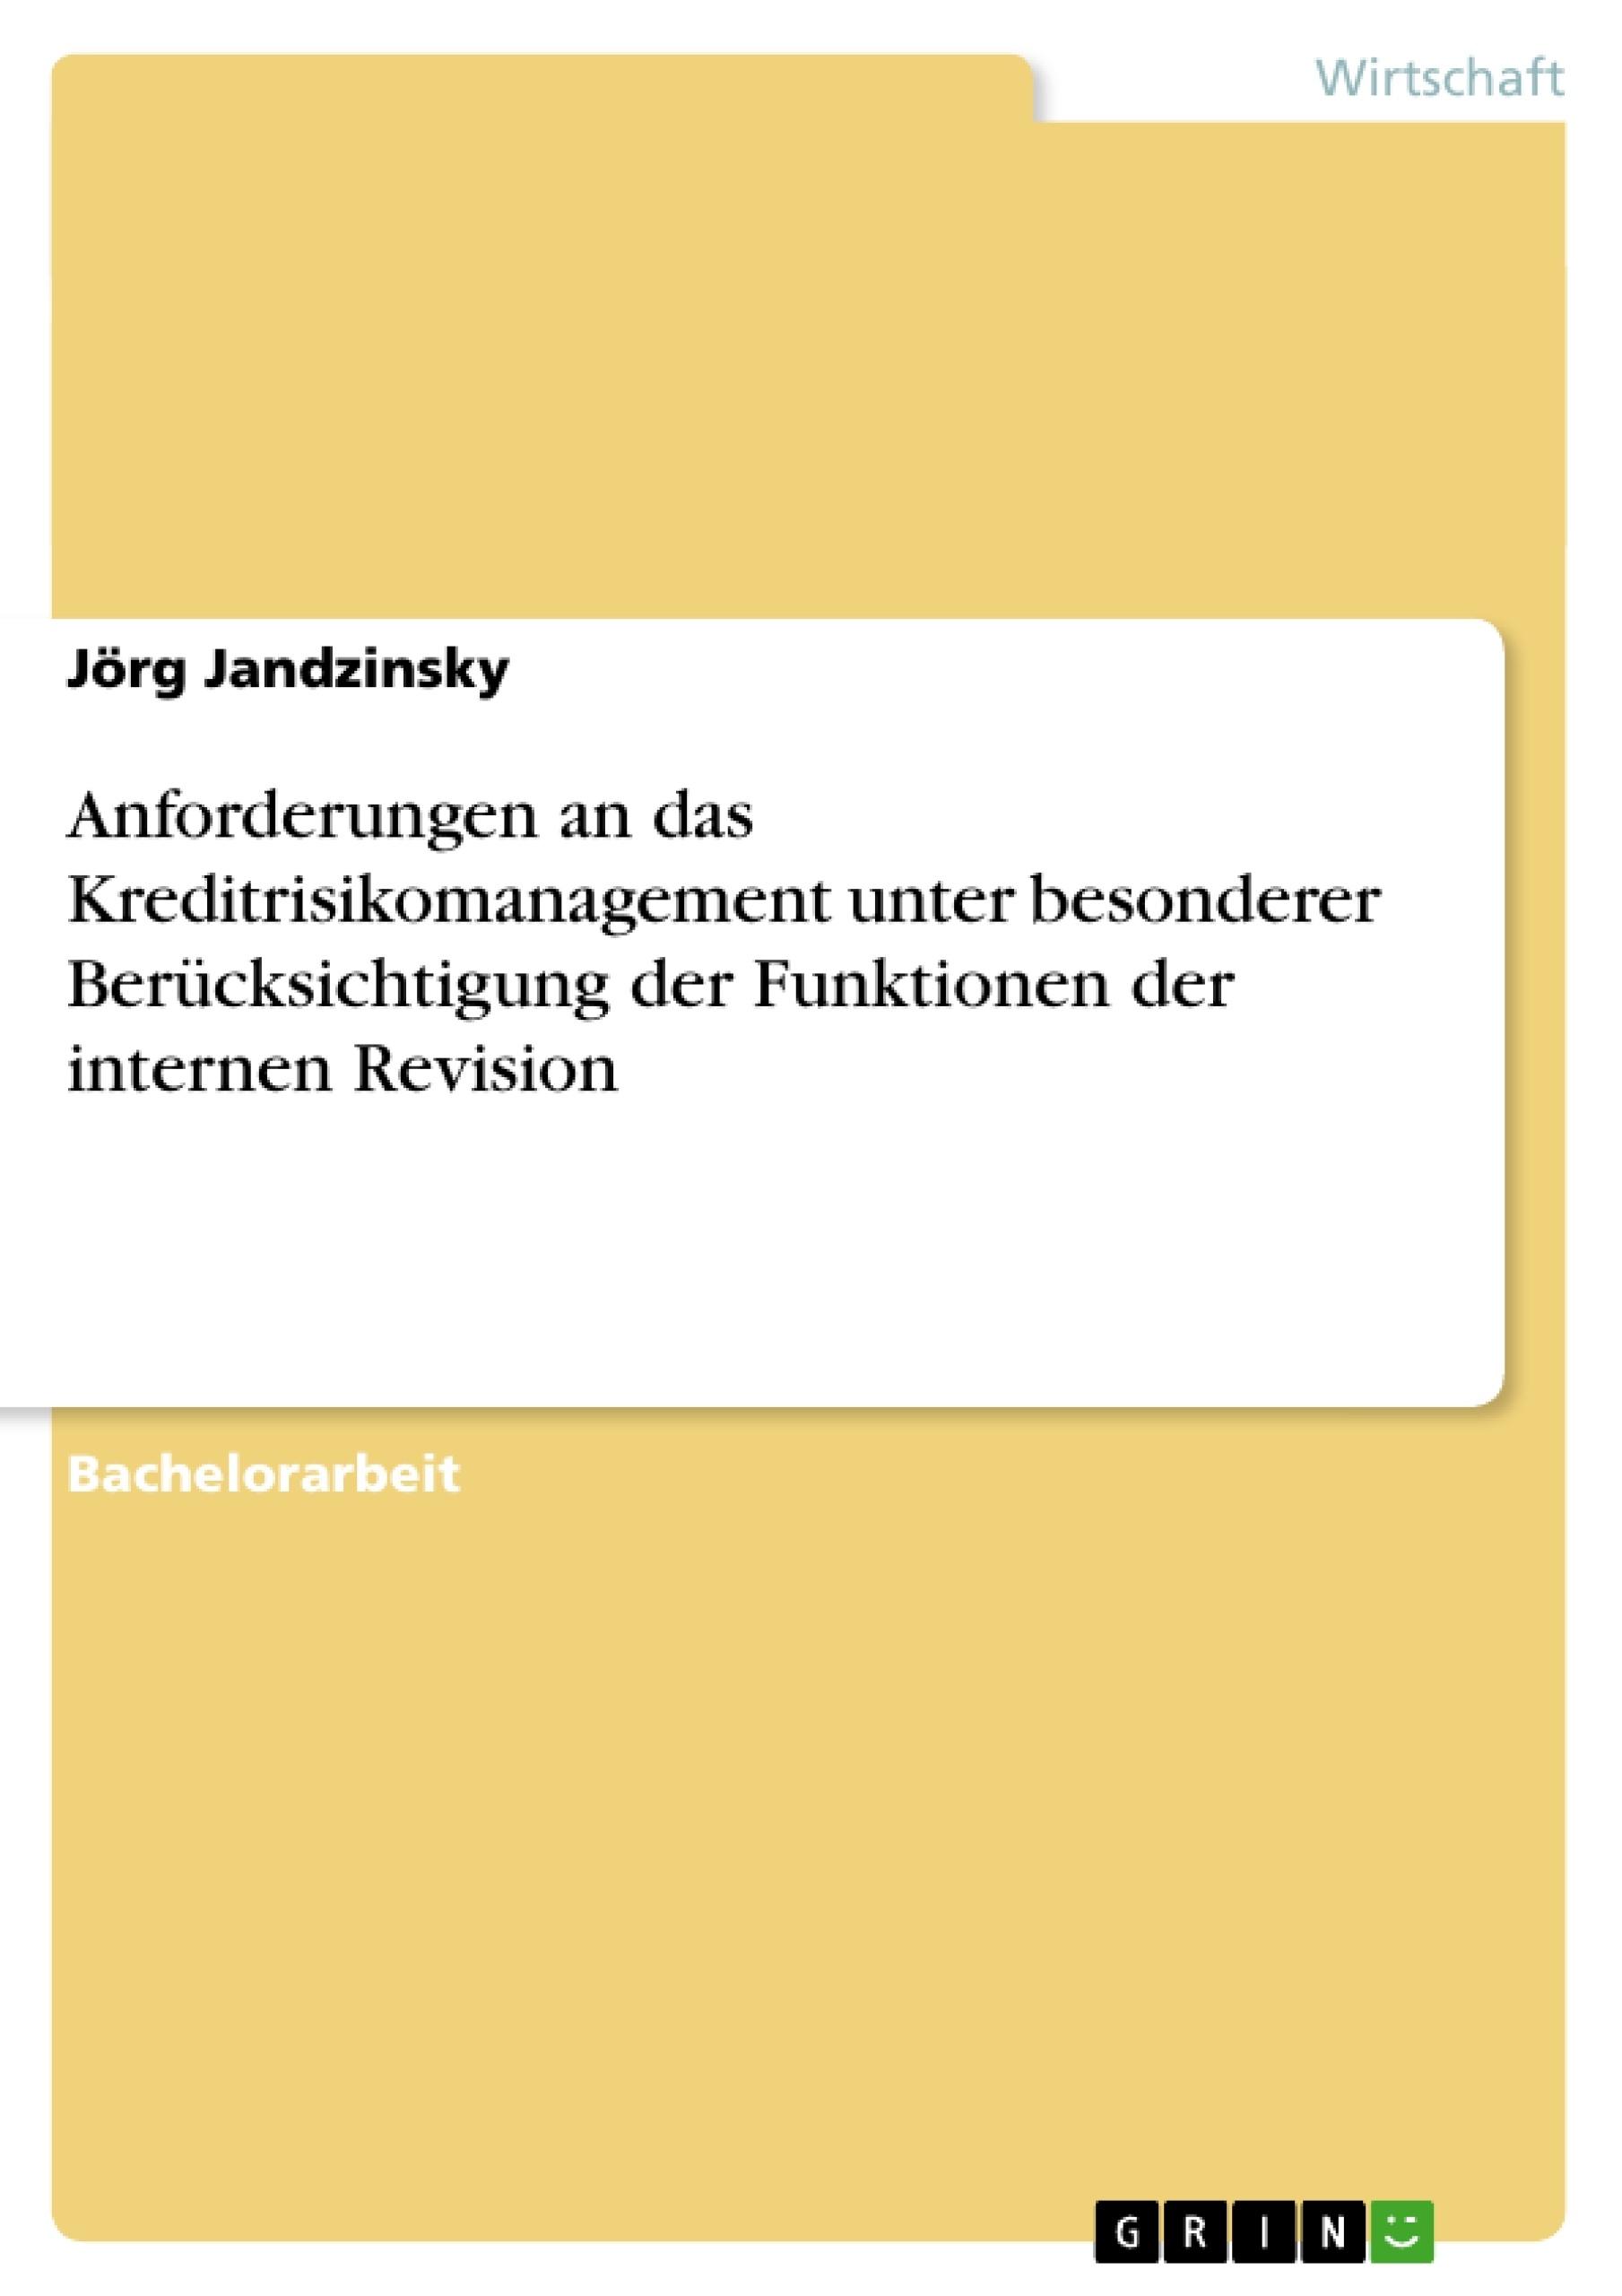 Titel: Anforderungen an das Kreditrisikomanagement unter besonderer Berücksichtigung der Funktionen der internen Revision